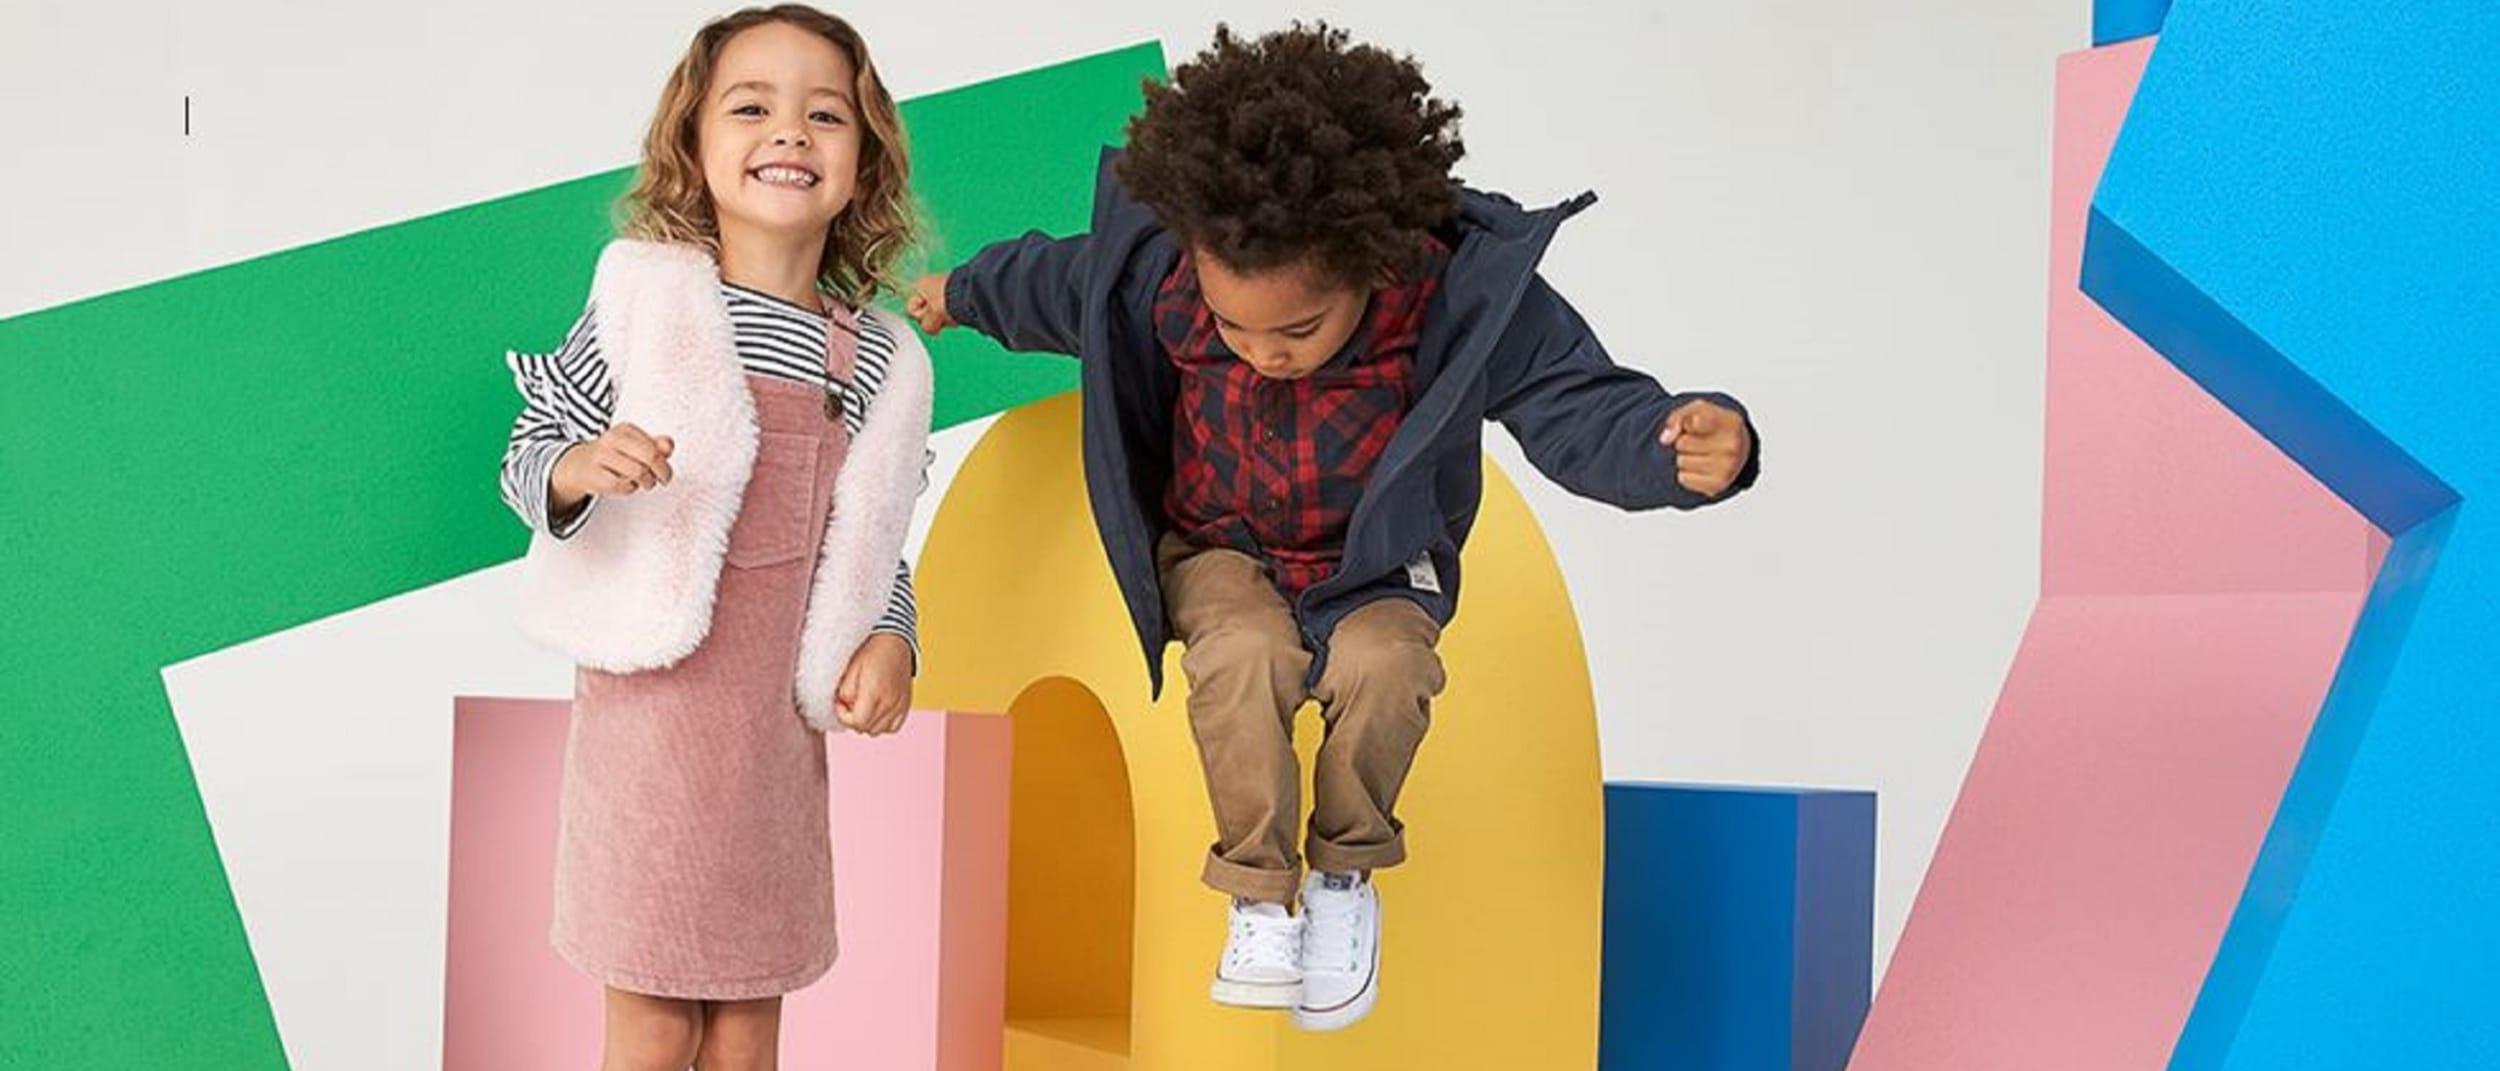 David Jones: Shop 30% off children's items